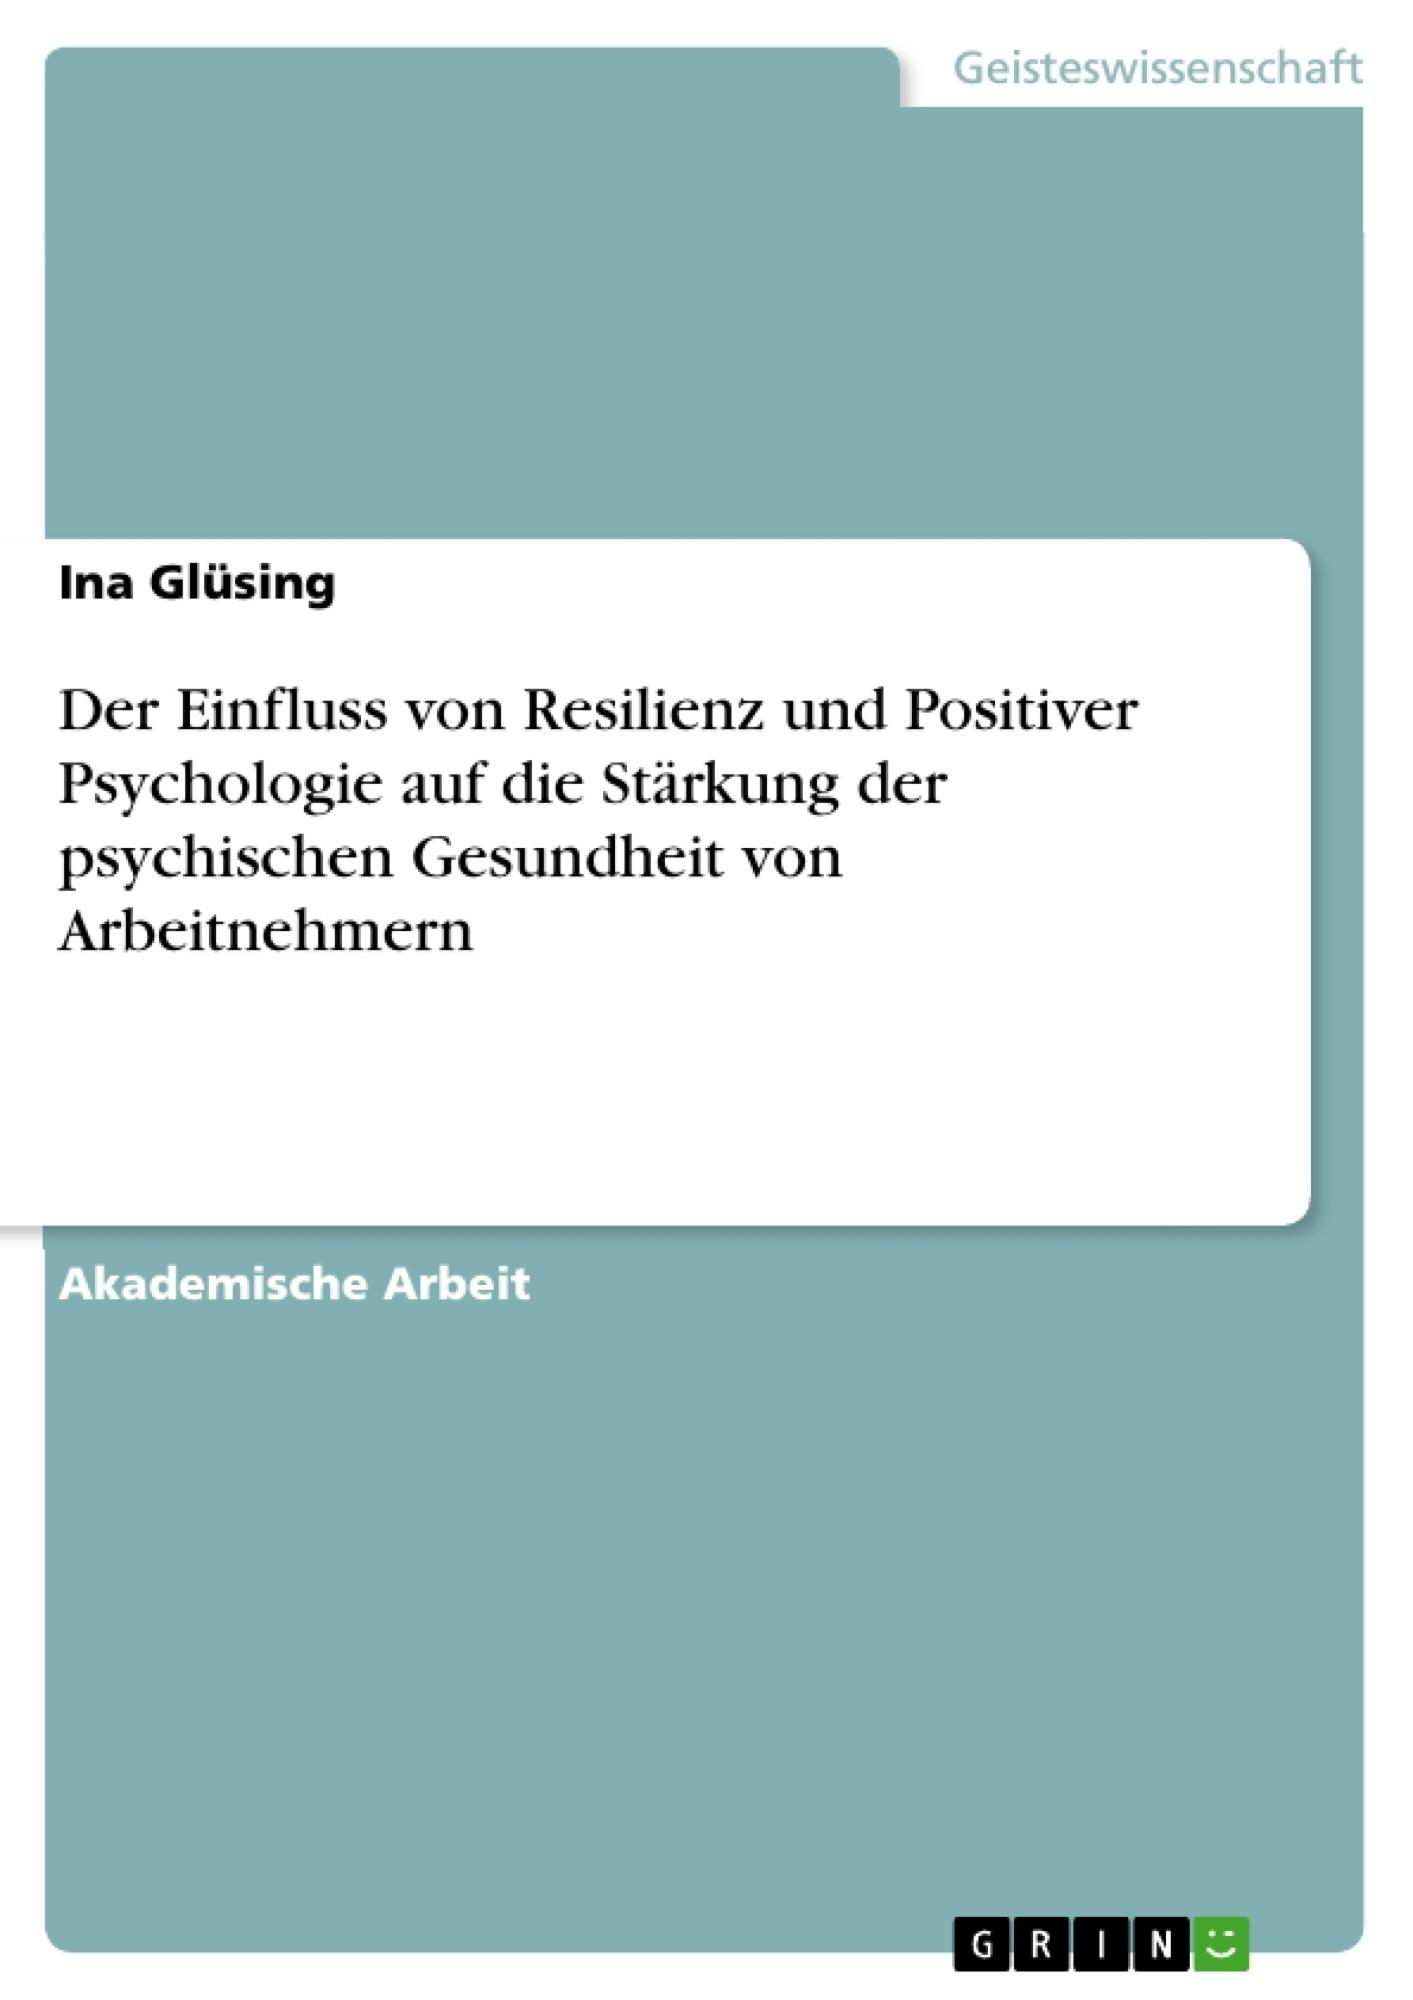 Titel: Der Einfluss von Resilienz und Positiver Psychologie auf die Stärkung der psychischen Gesundheit von Arbeitnehmern